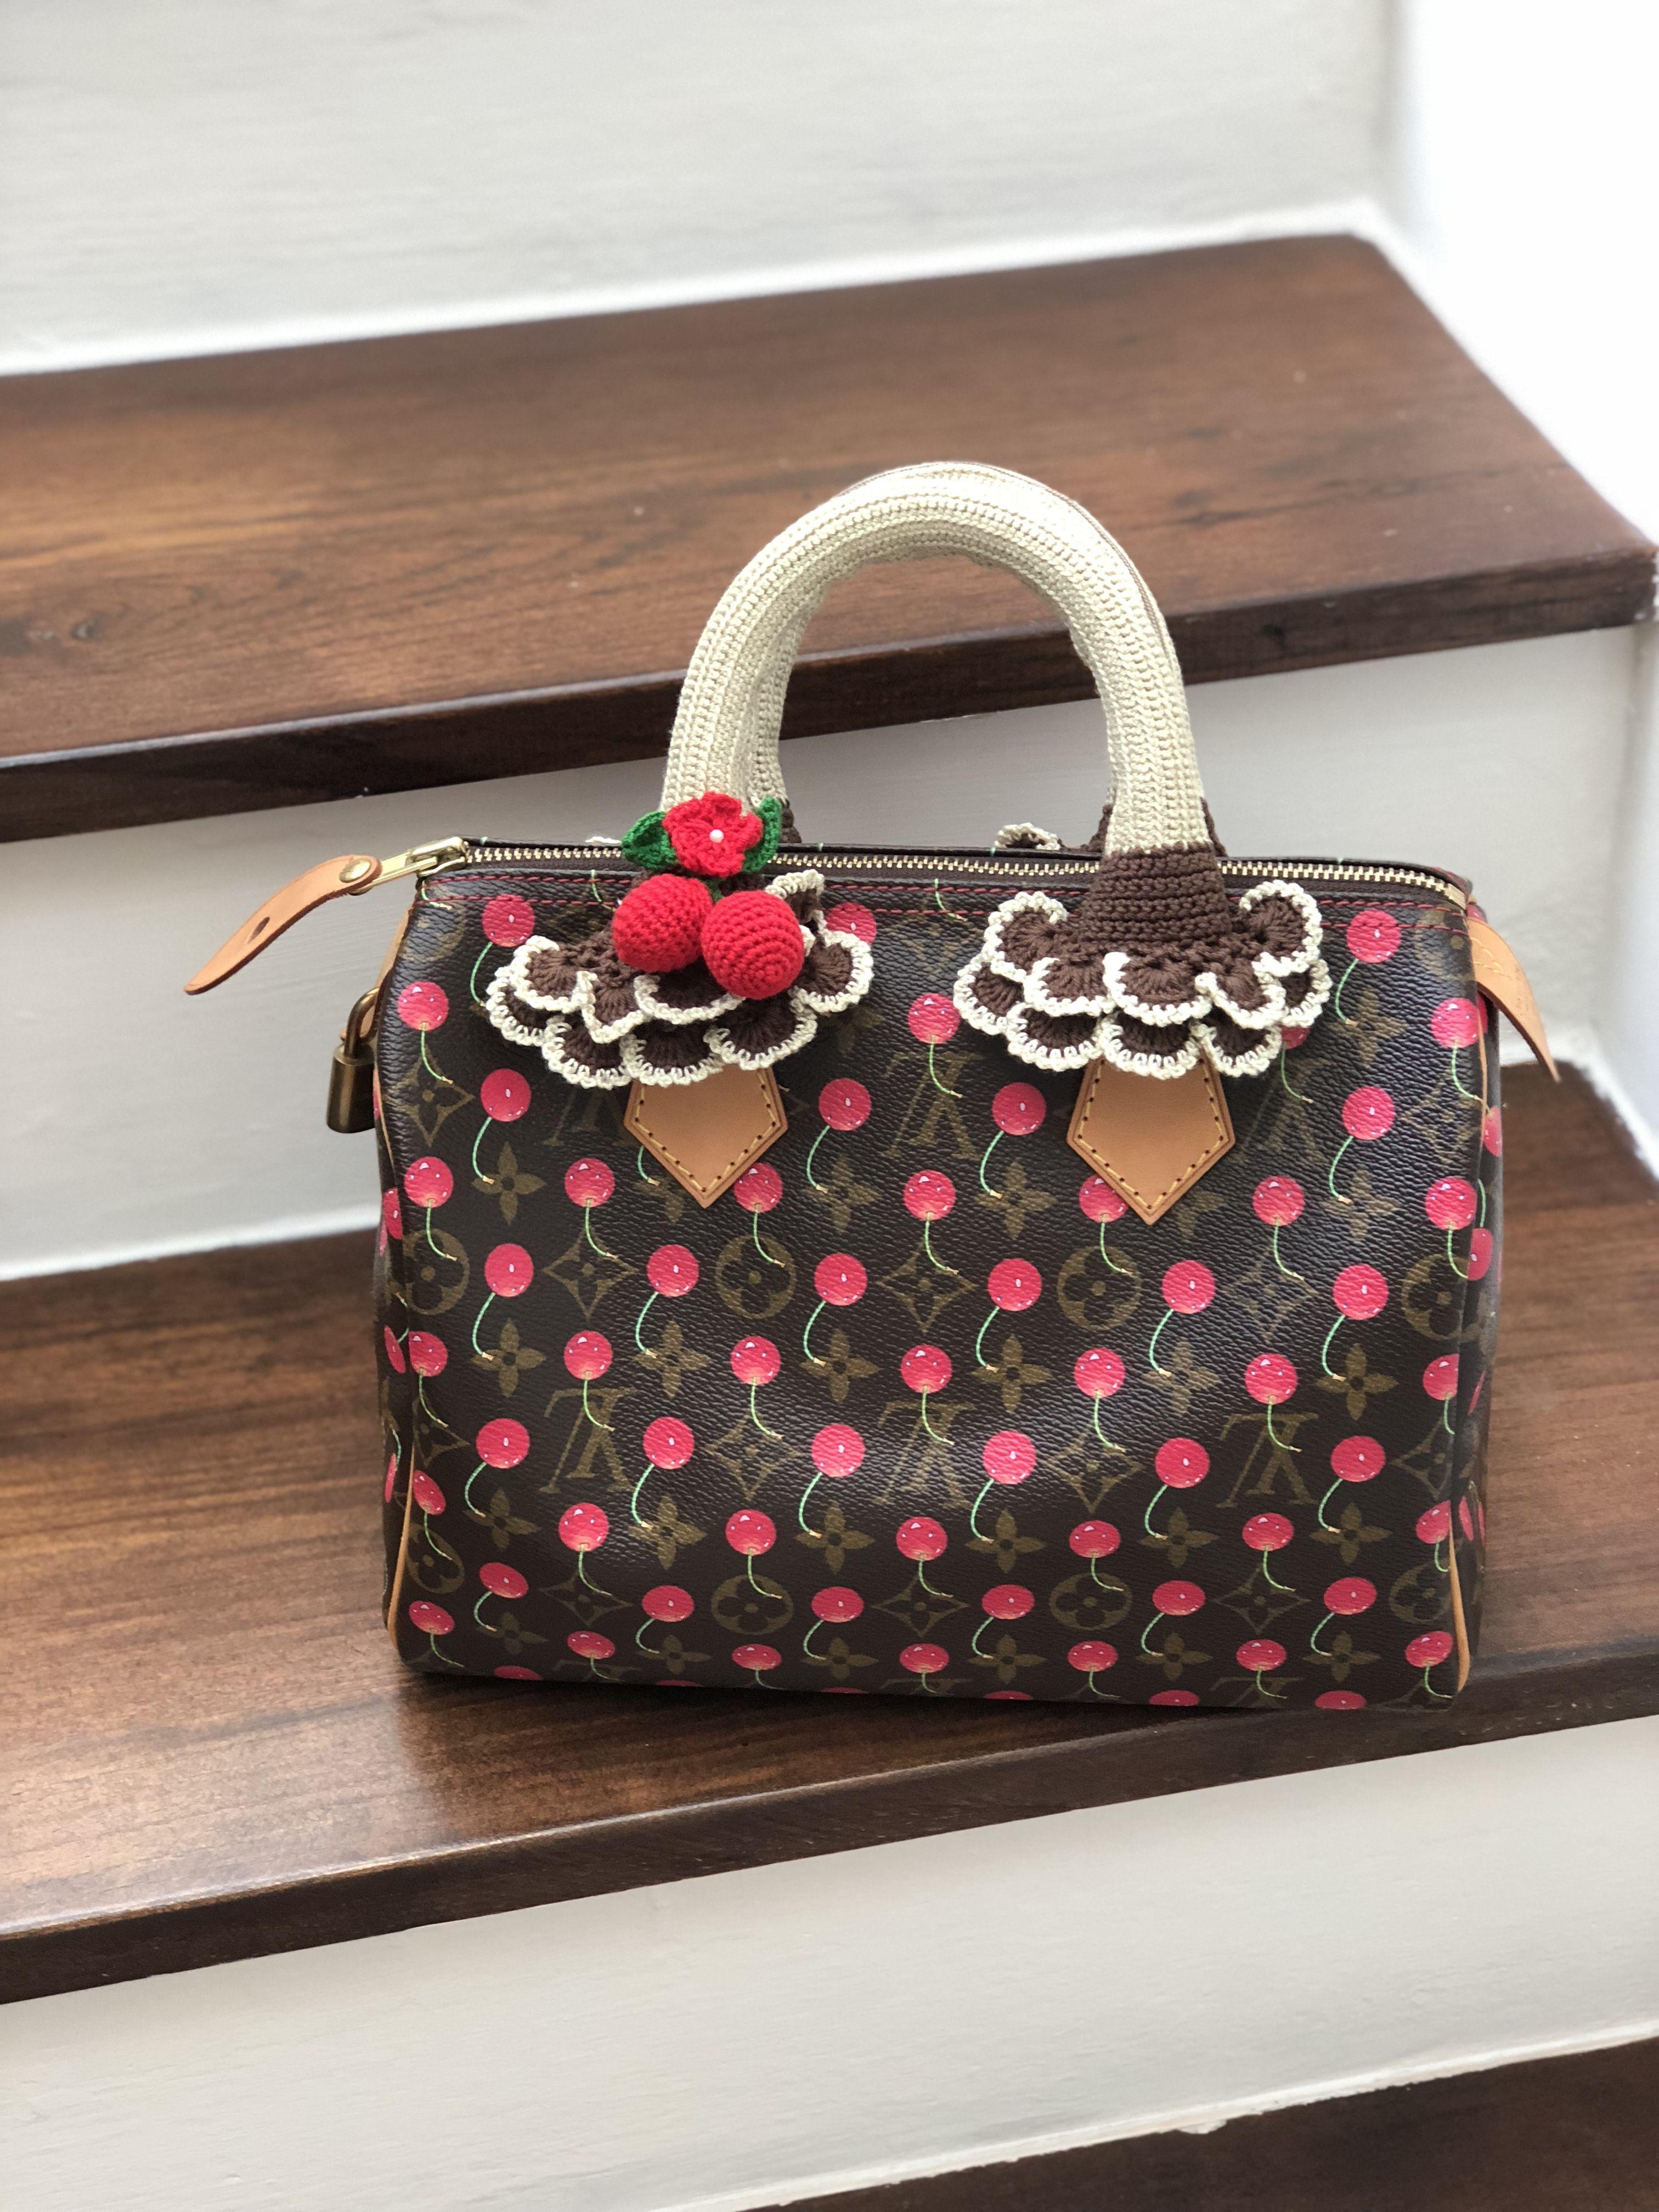 43b287efdfd Pin by Esther Tan on Louis Vuitton   Pinterest   Louis vuitton